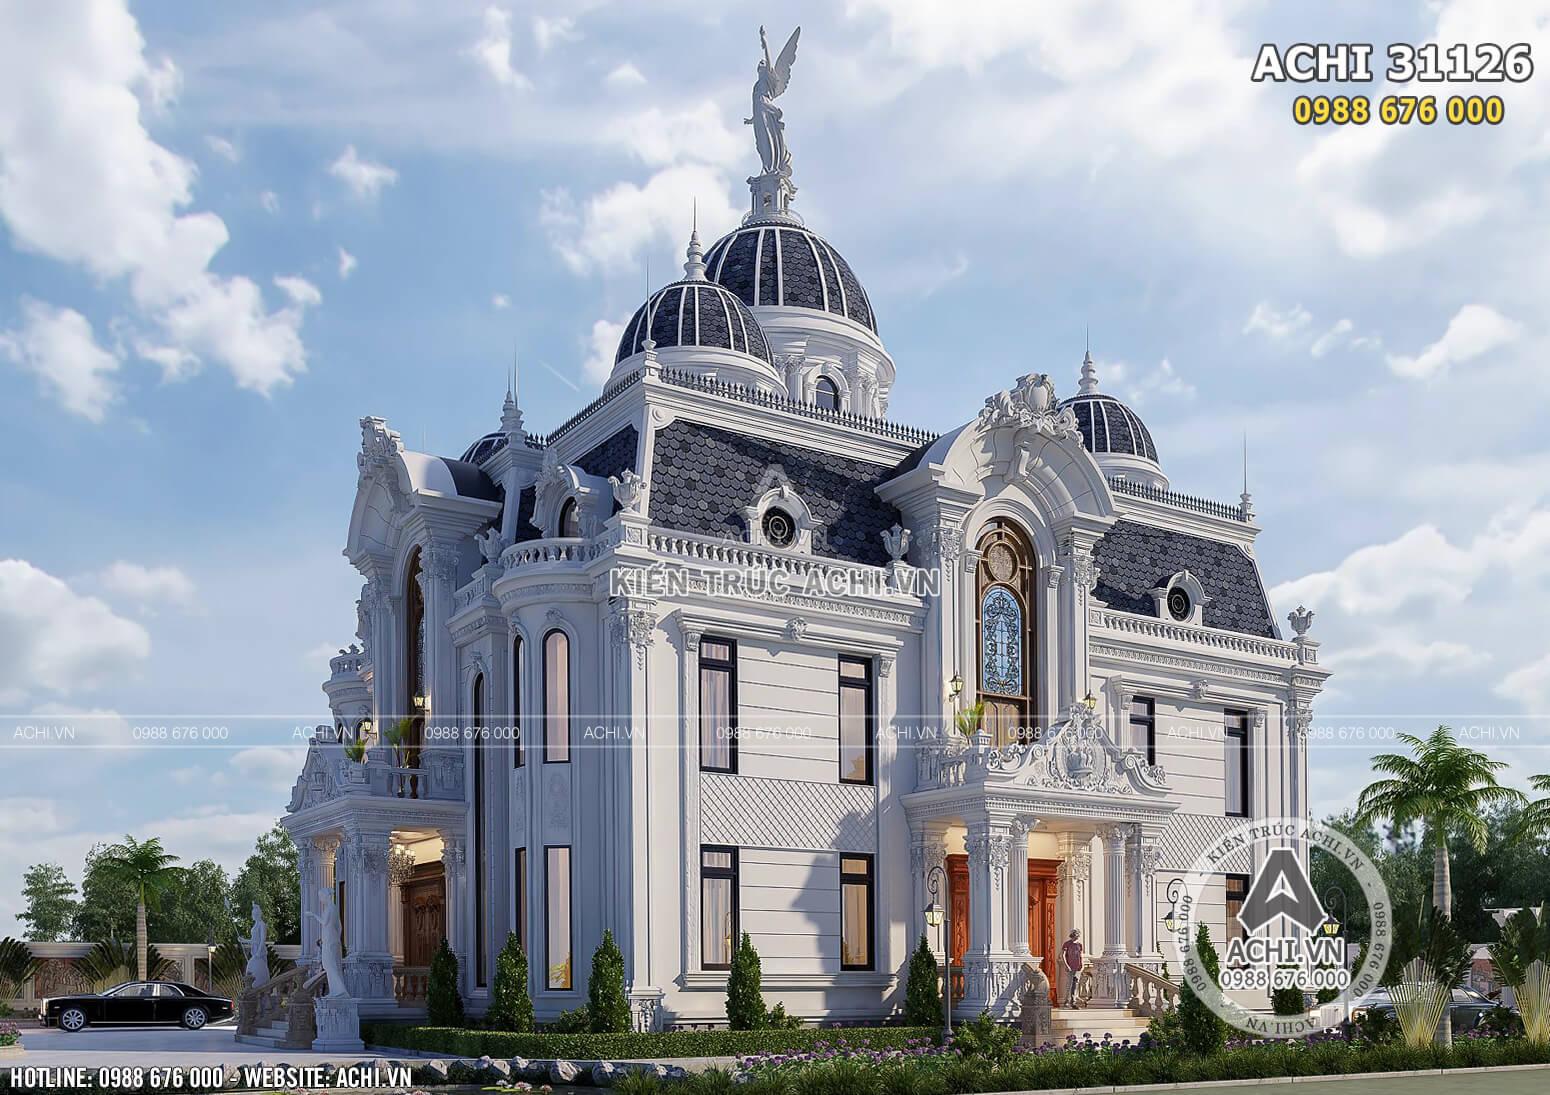 Thiết kế dinh thự lâu đài đẹp 400m2 tại Cần Thơ - ACHI 31126